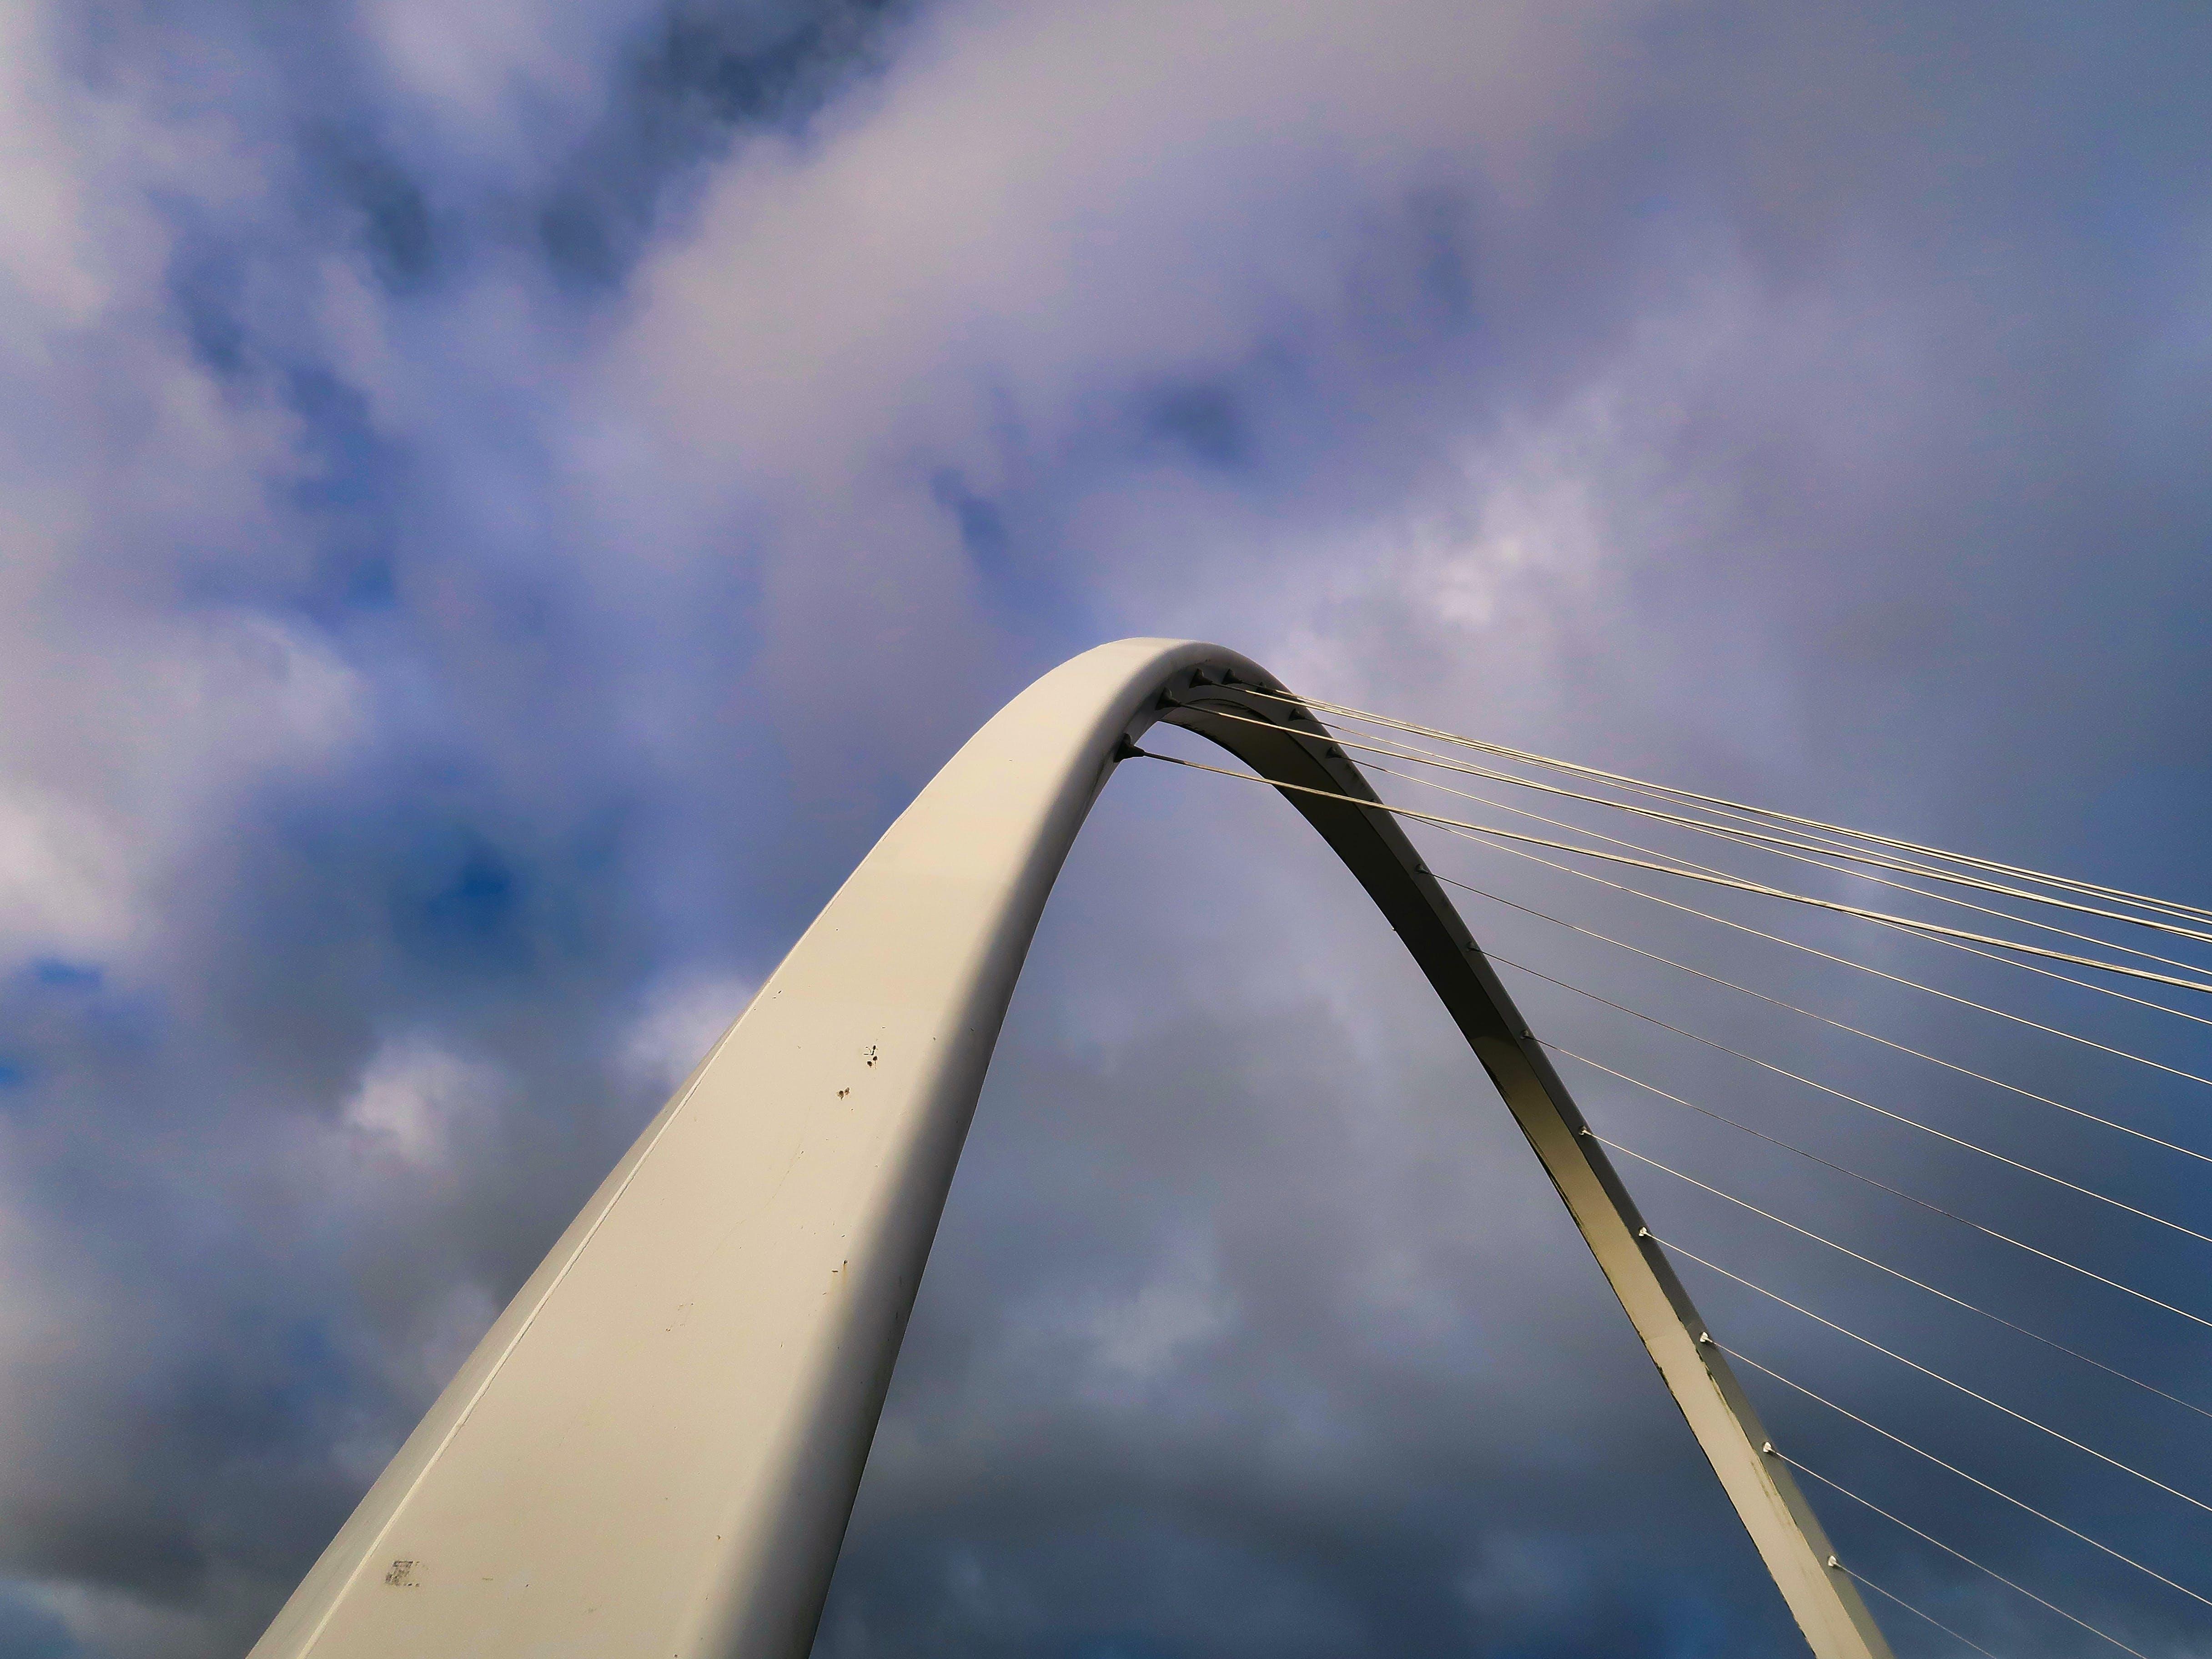 Free stock photo of arch bridge, architect, architectural, architecture